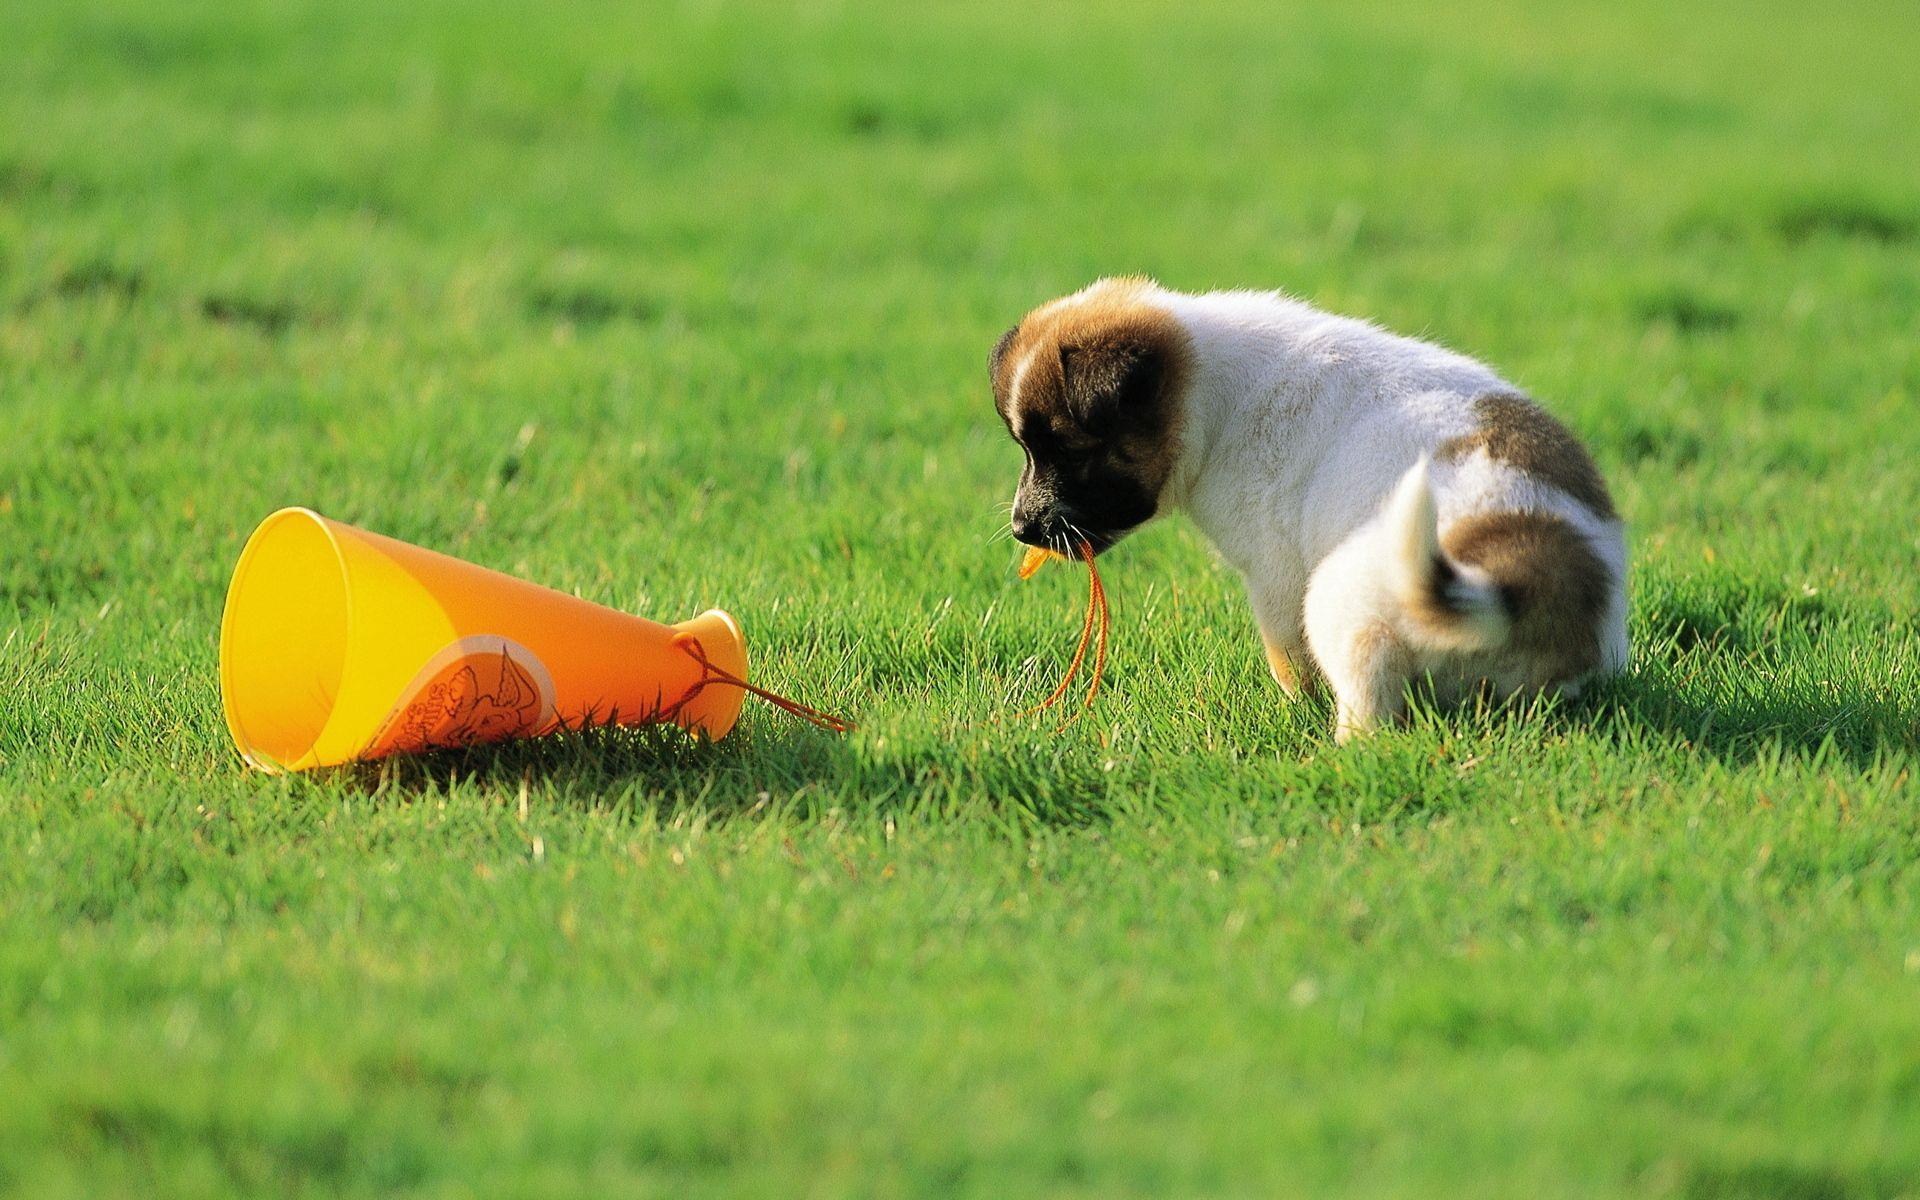 117492 скачать обои Животные, Собака, Щенок, Игрушка, Трава, Любопытство - заставки и картинки бесплатно